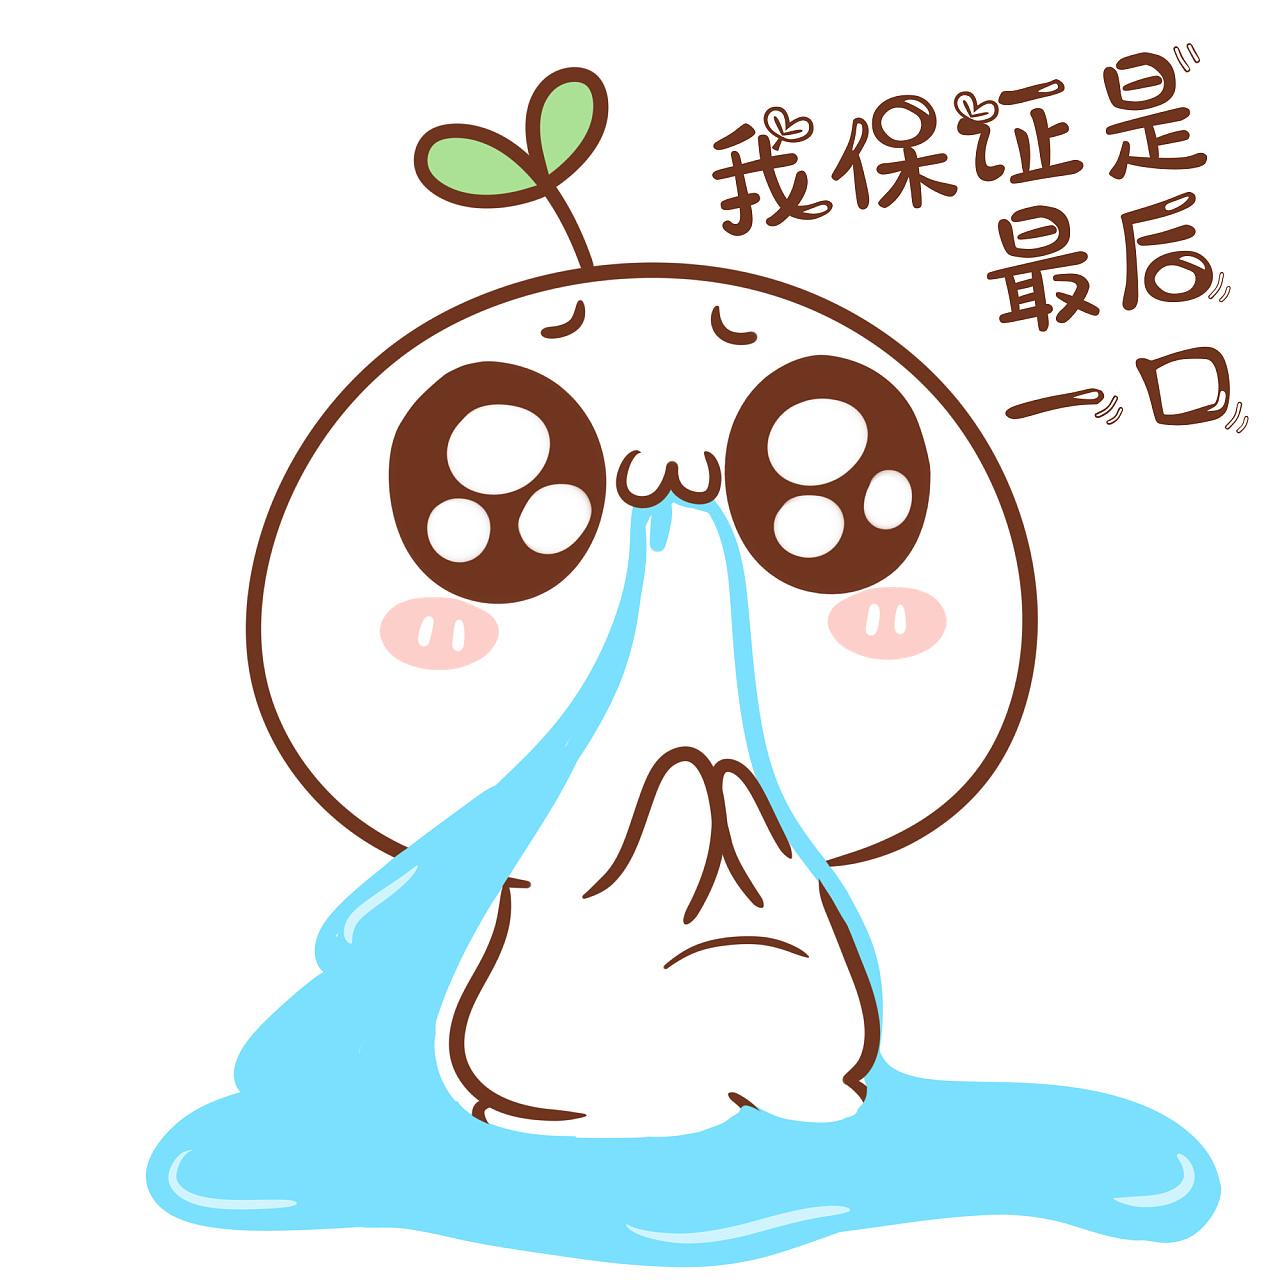 【表情×长草颜团子】一条吃货可见的正经推送 ˙˙图片